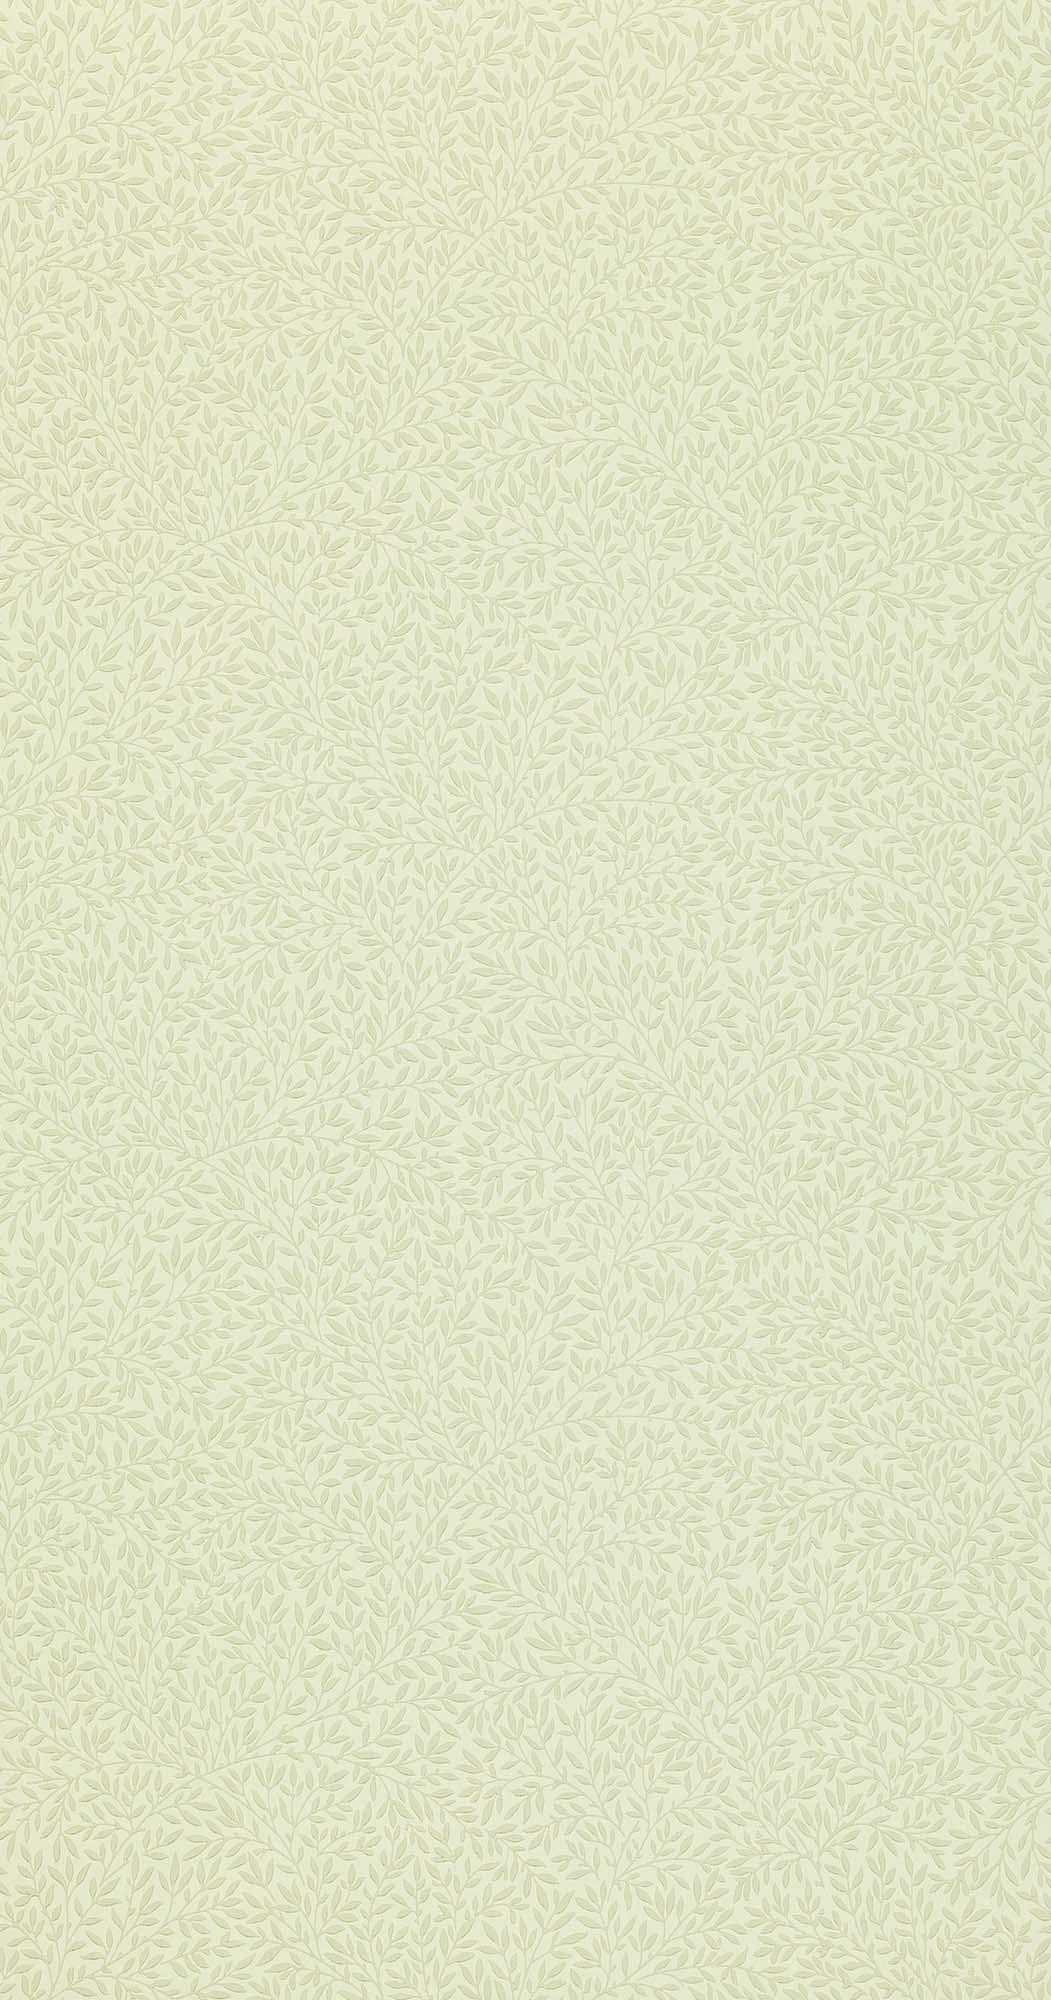 ウィリアムモリス壁紙 Standen W-R8045-1